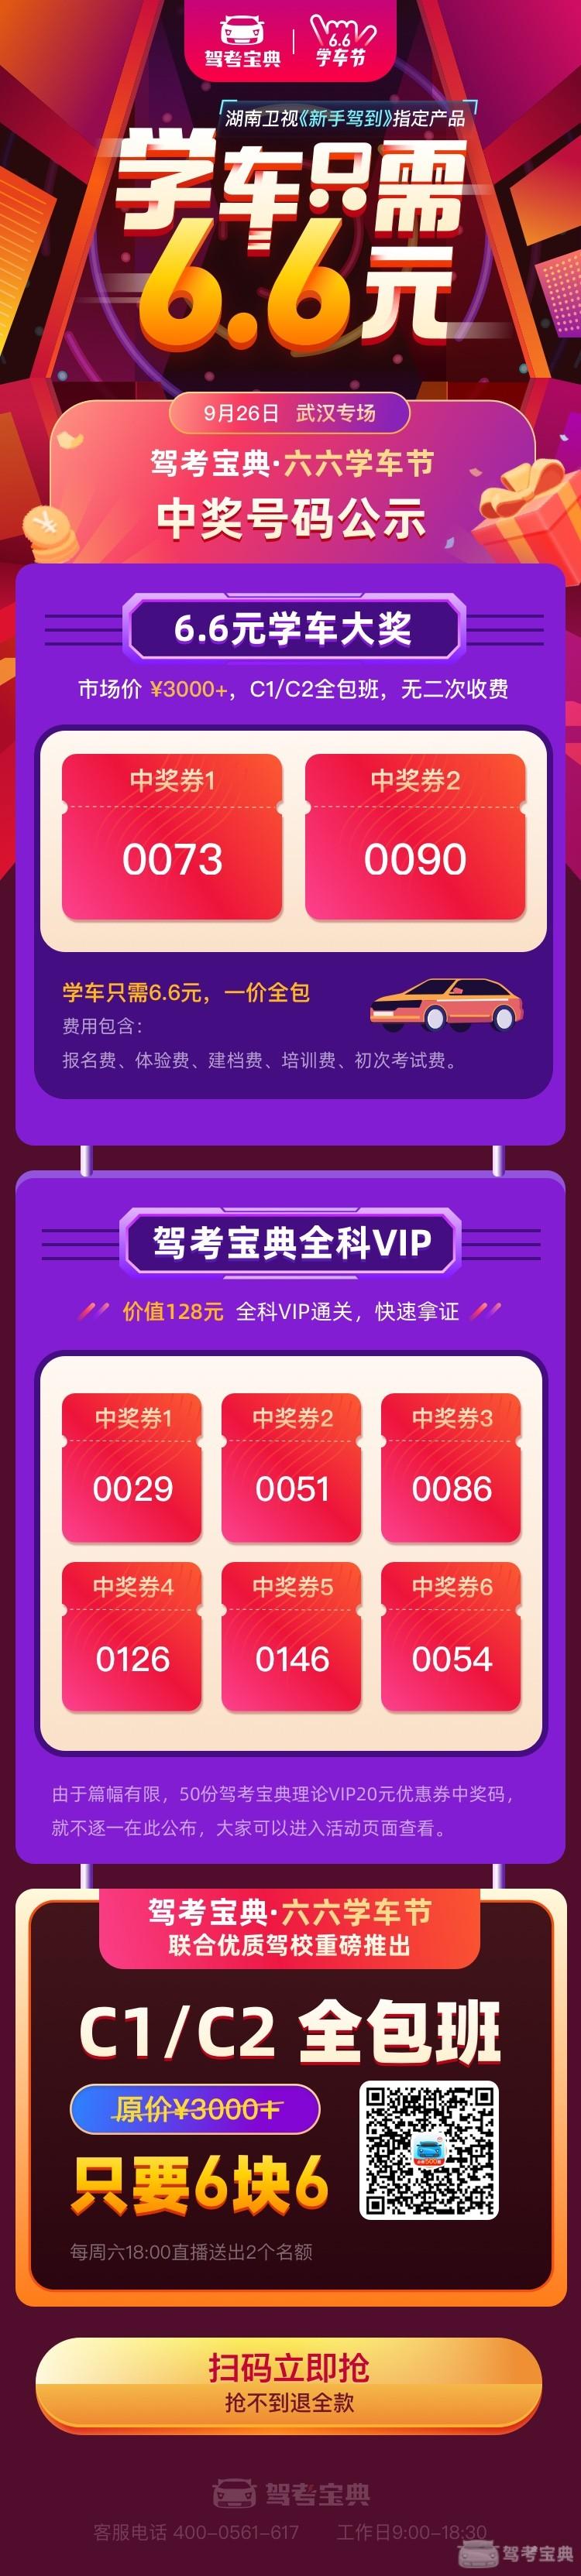 驾考宝典六六学车节-中奖号码公示(9月26日武汉专场)